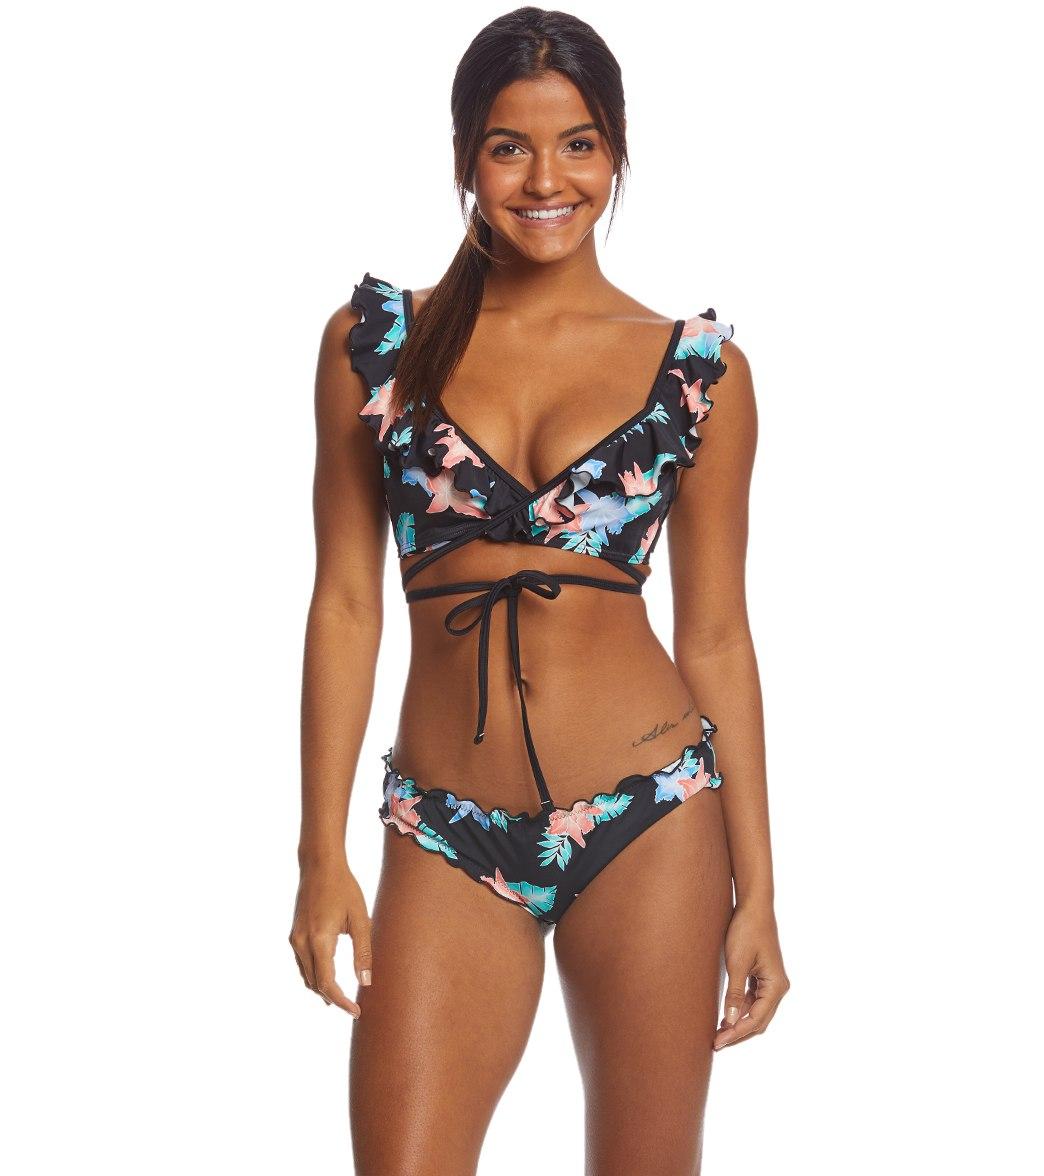 16b3a864e4f0f Coco Rave Miami Spice Brooke Wrap Bikini Top (B C D Cup) at ...